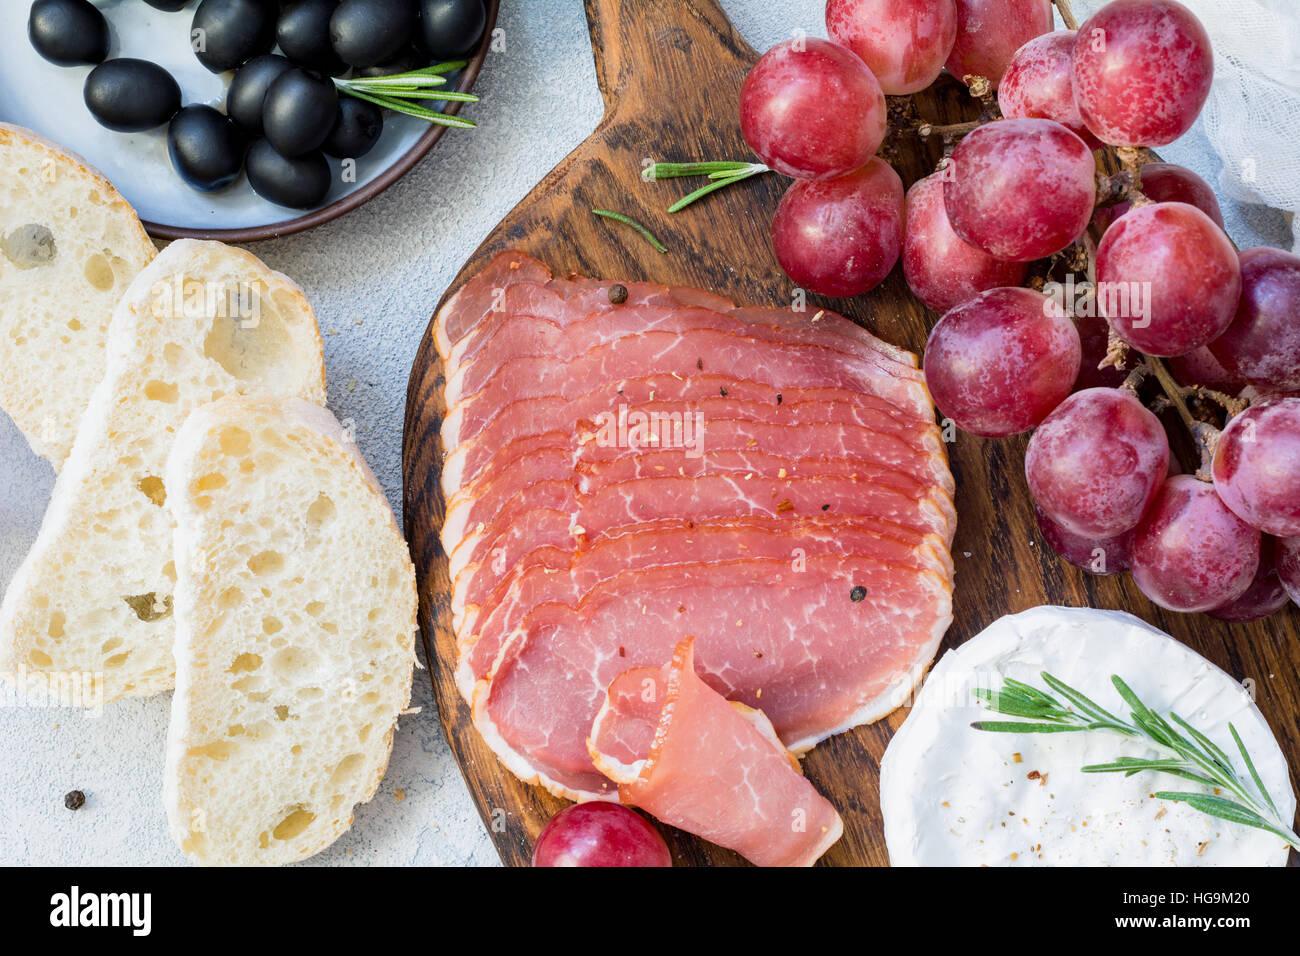 Wurstwaren, frisches Baguette, Trauben, Käse und schwarzen Oliven. Italienische Antipasti festgelegt. Nahaufnahme Stockfoto